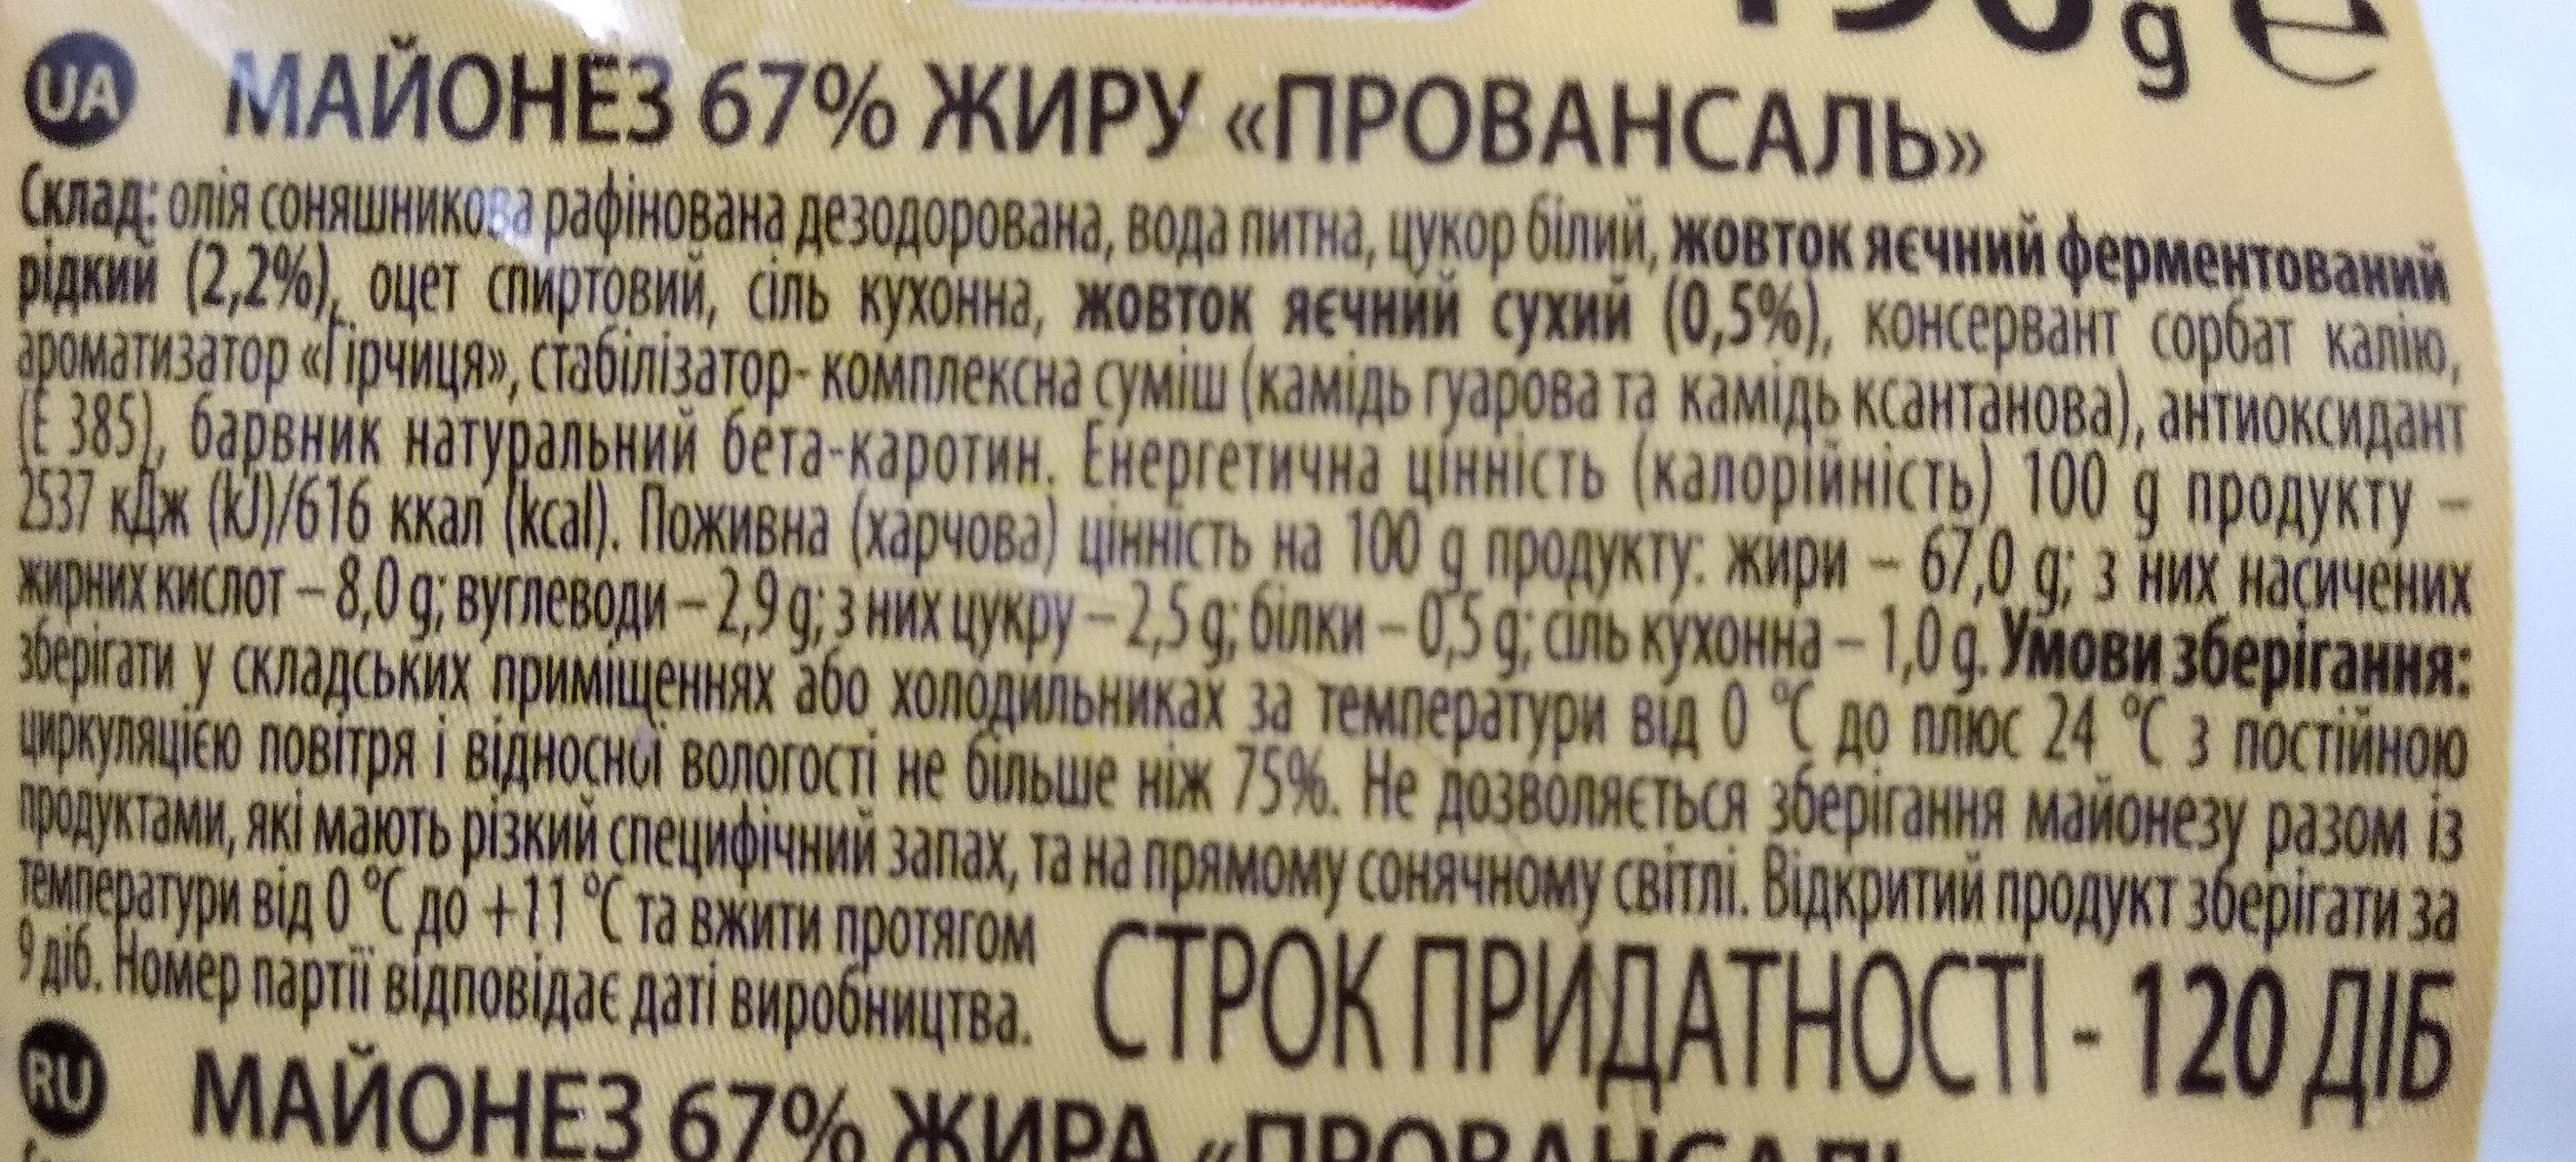 Майонез Провансаль 67% - Ingrediënten - uk